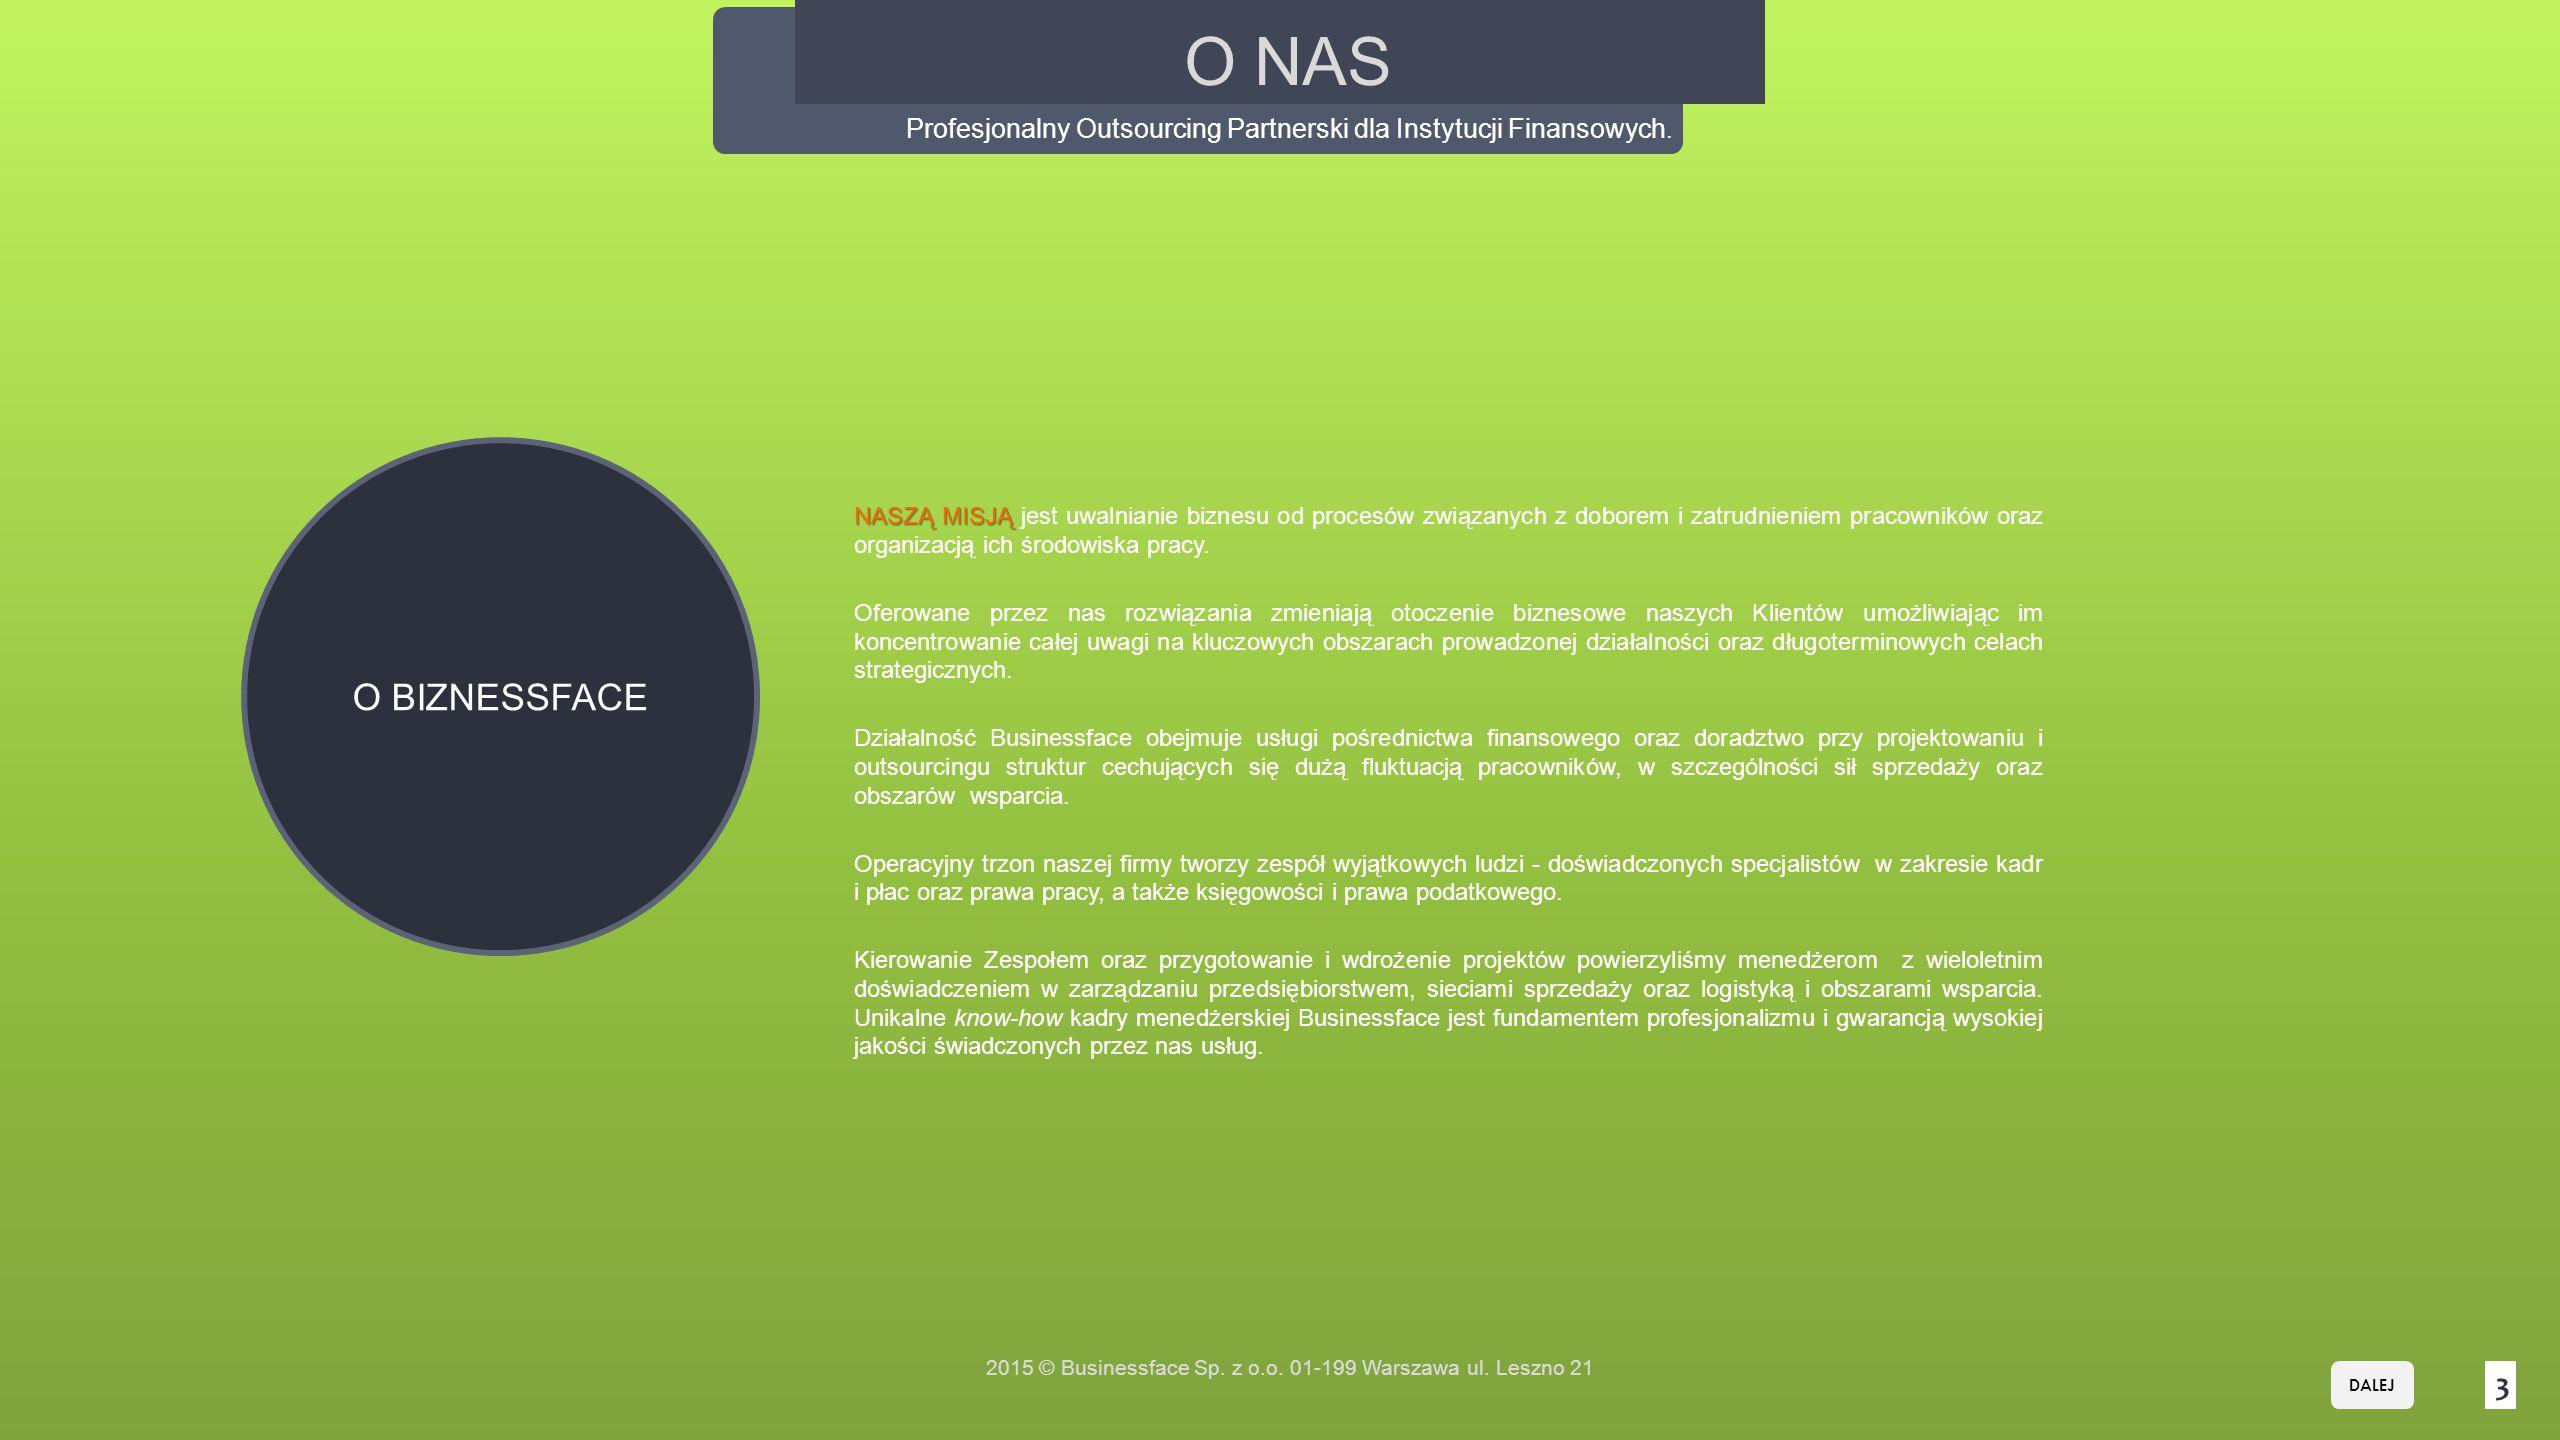 Profesjonalny Outsourcing Partnerski dla Instytucji Finansowych.